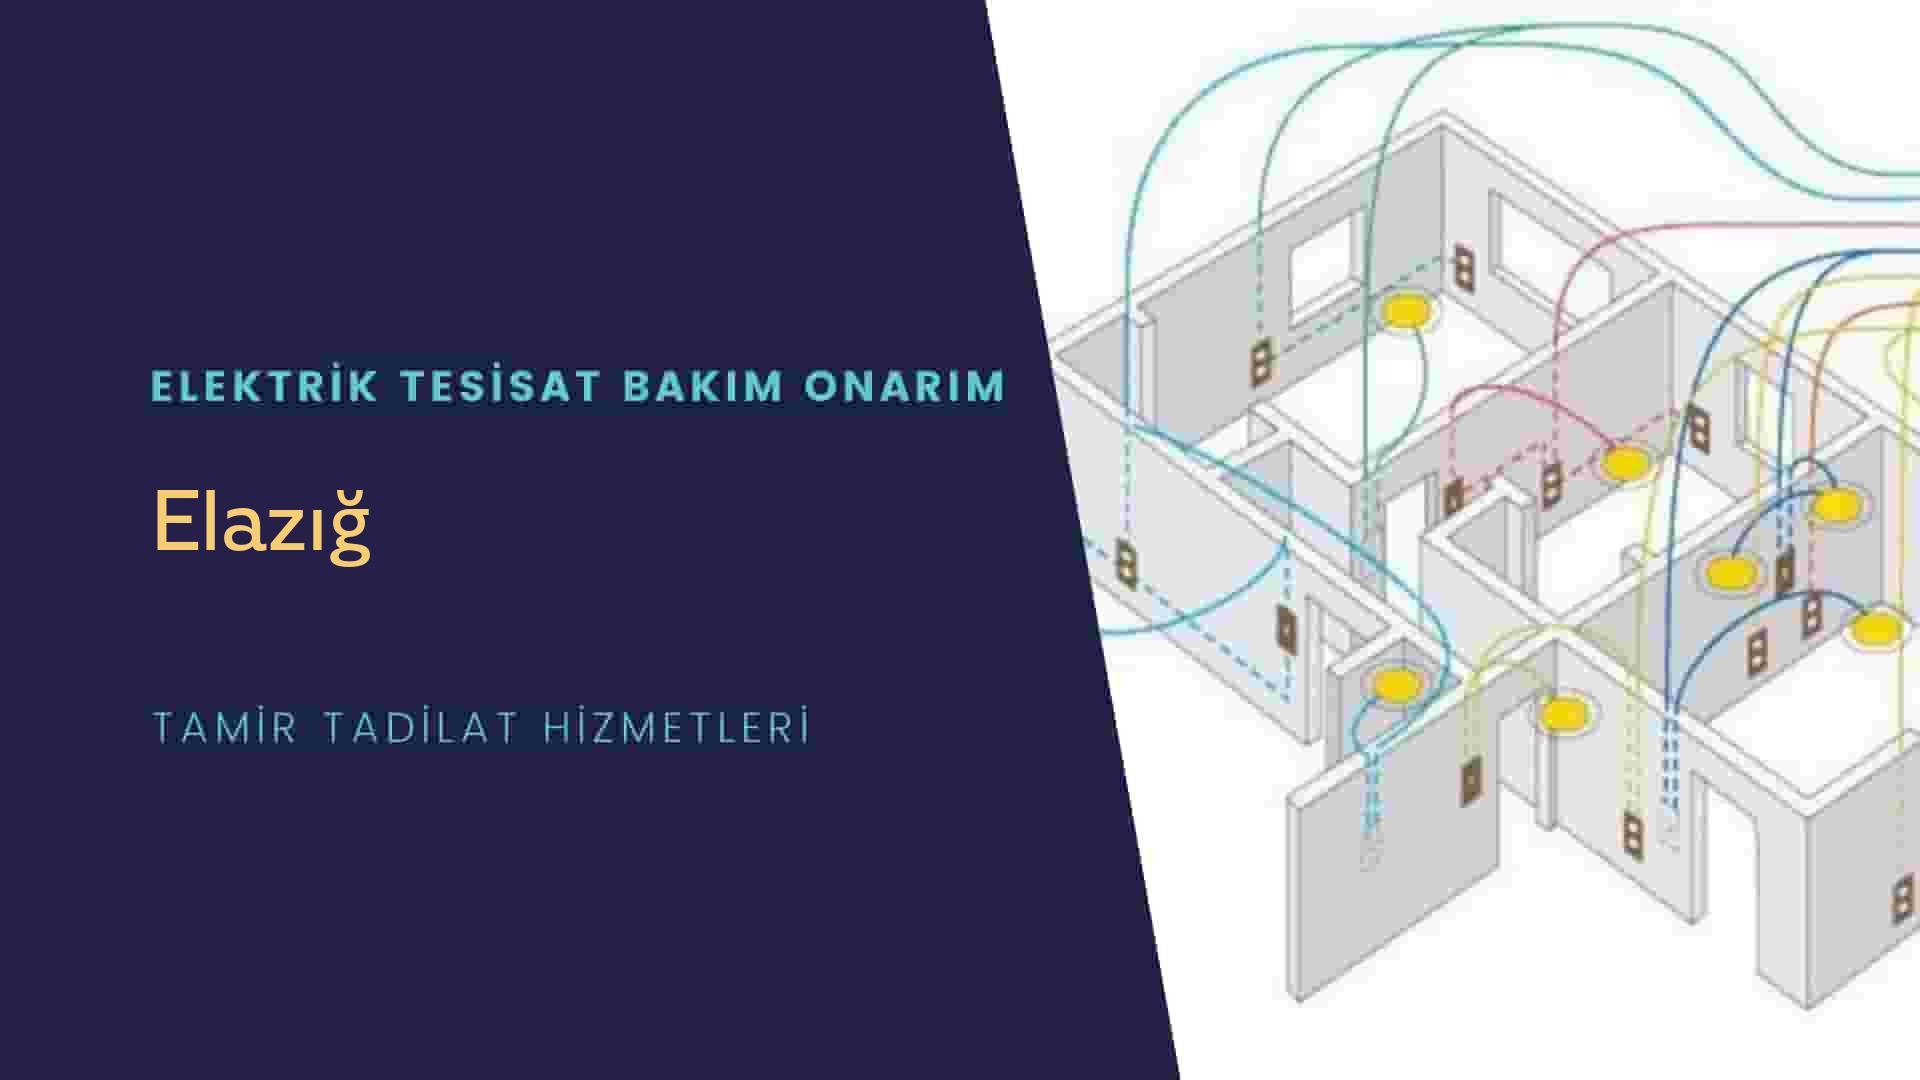 Elazığ'da elektrik tesisatıustalarımı arıyorsunuz doğru adrestenizi Elazığ elektrik tesisatı ustalarımız 7/24 sizlere hizmet vermekten mutluluk duyar.